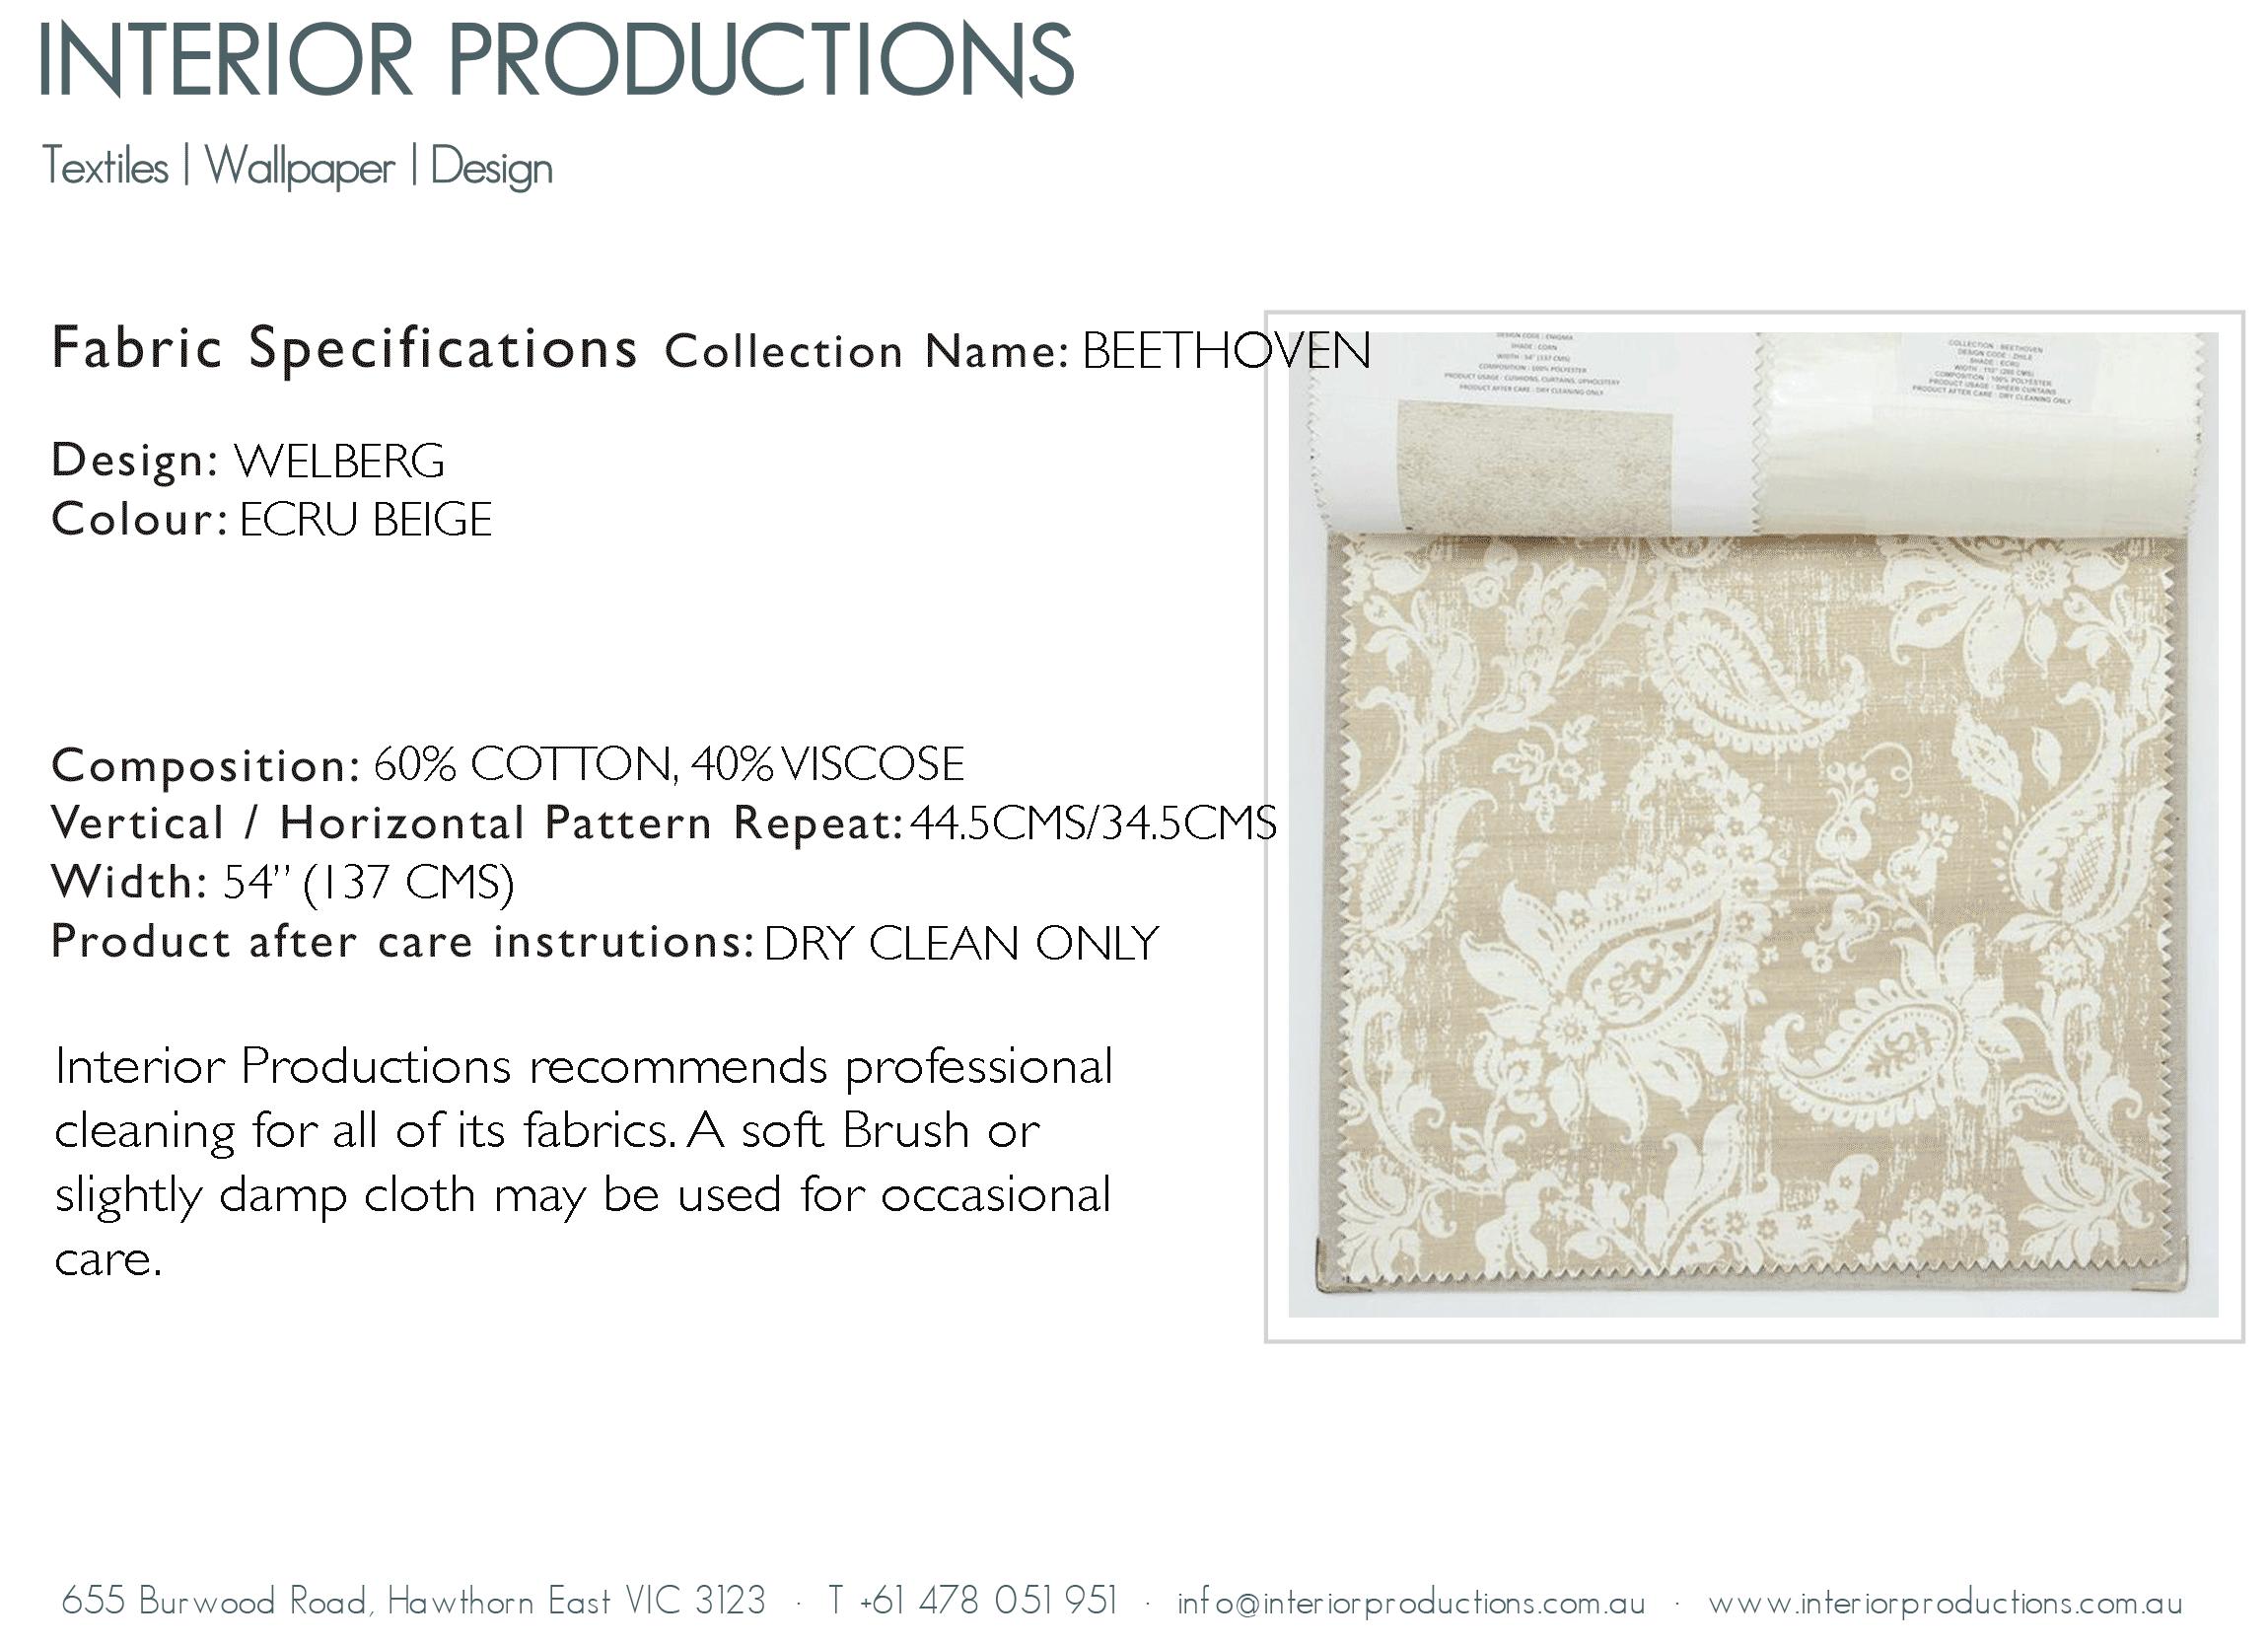 interior_productions_WELBERG---ECRU-BEIGE